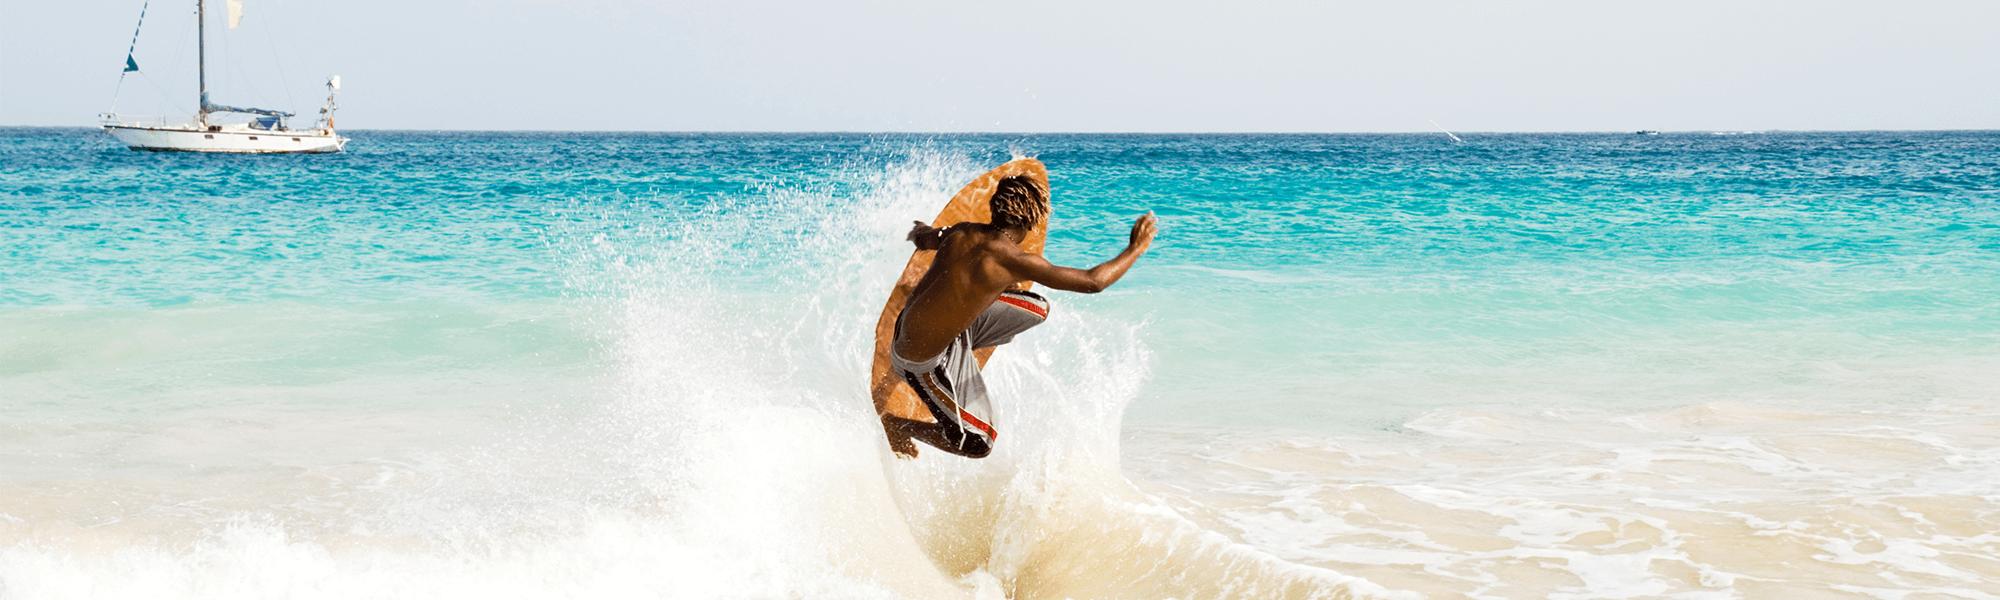 Kapverden Surfer